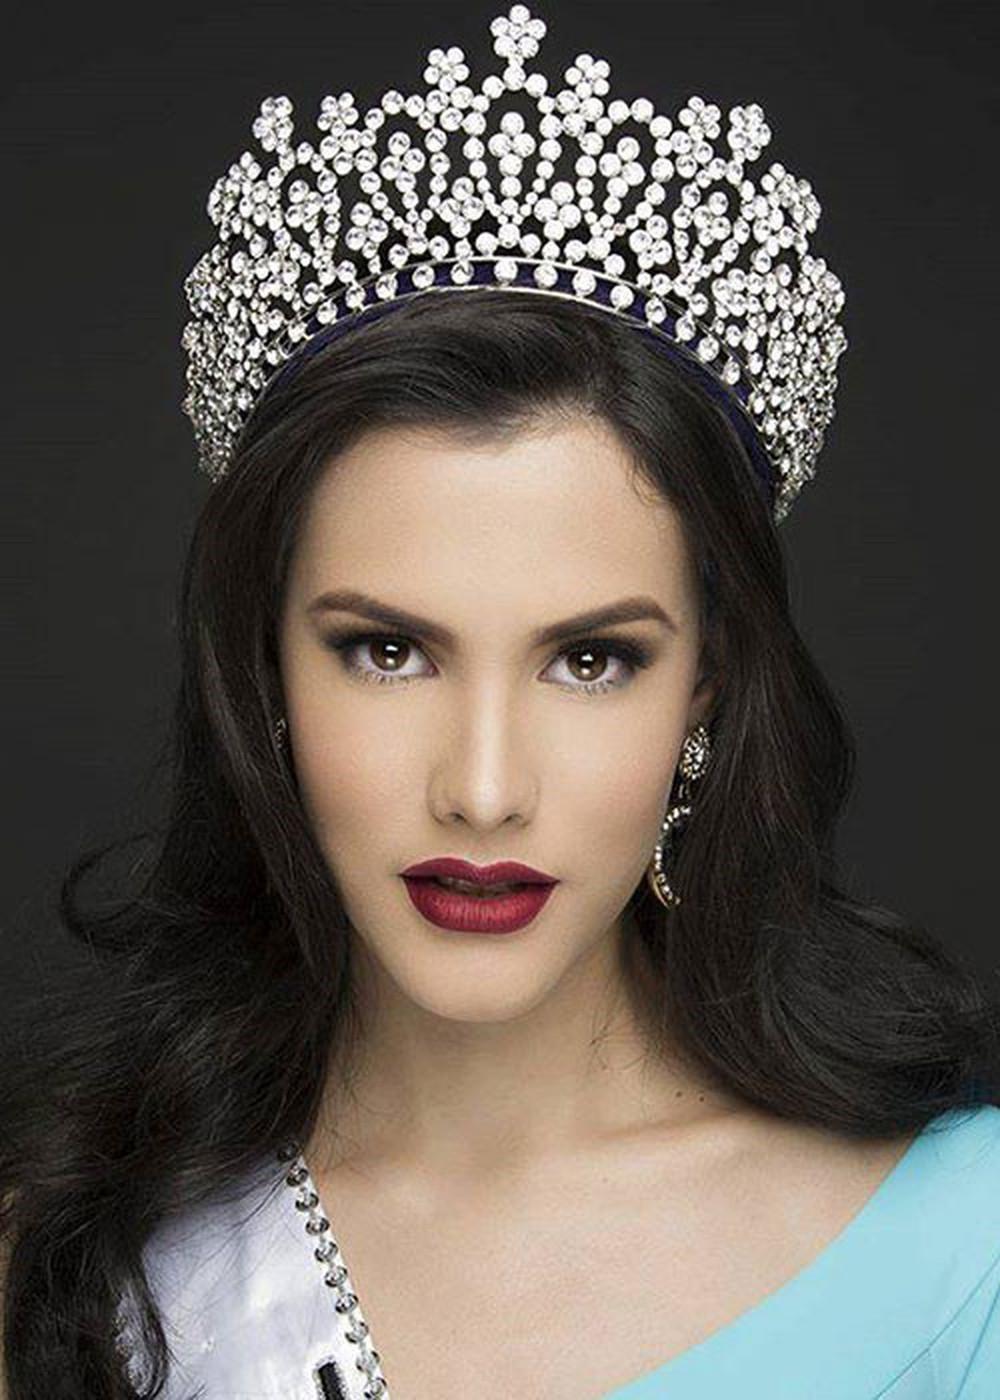 Hoa hậu quốc tế 2018: Tân hoa hậu người Venezuela 18 tuổi đăng quang - Ảnh 5.